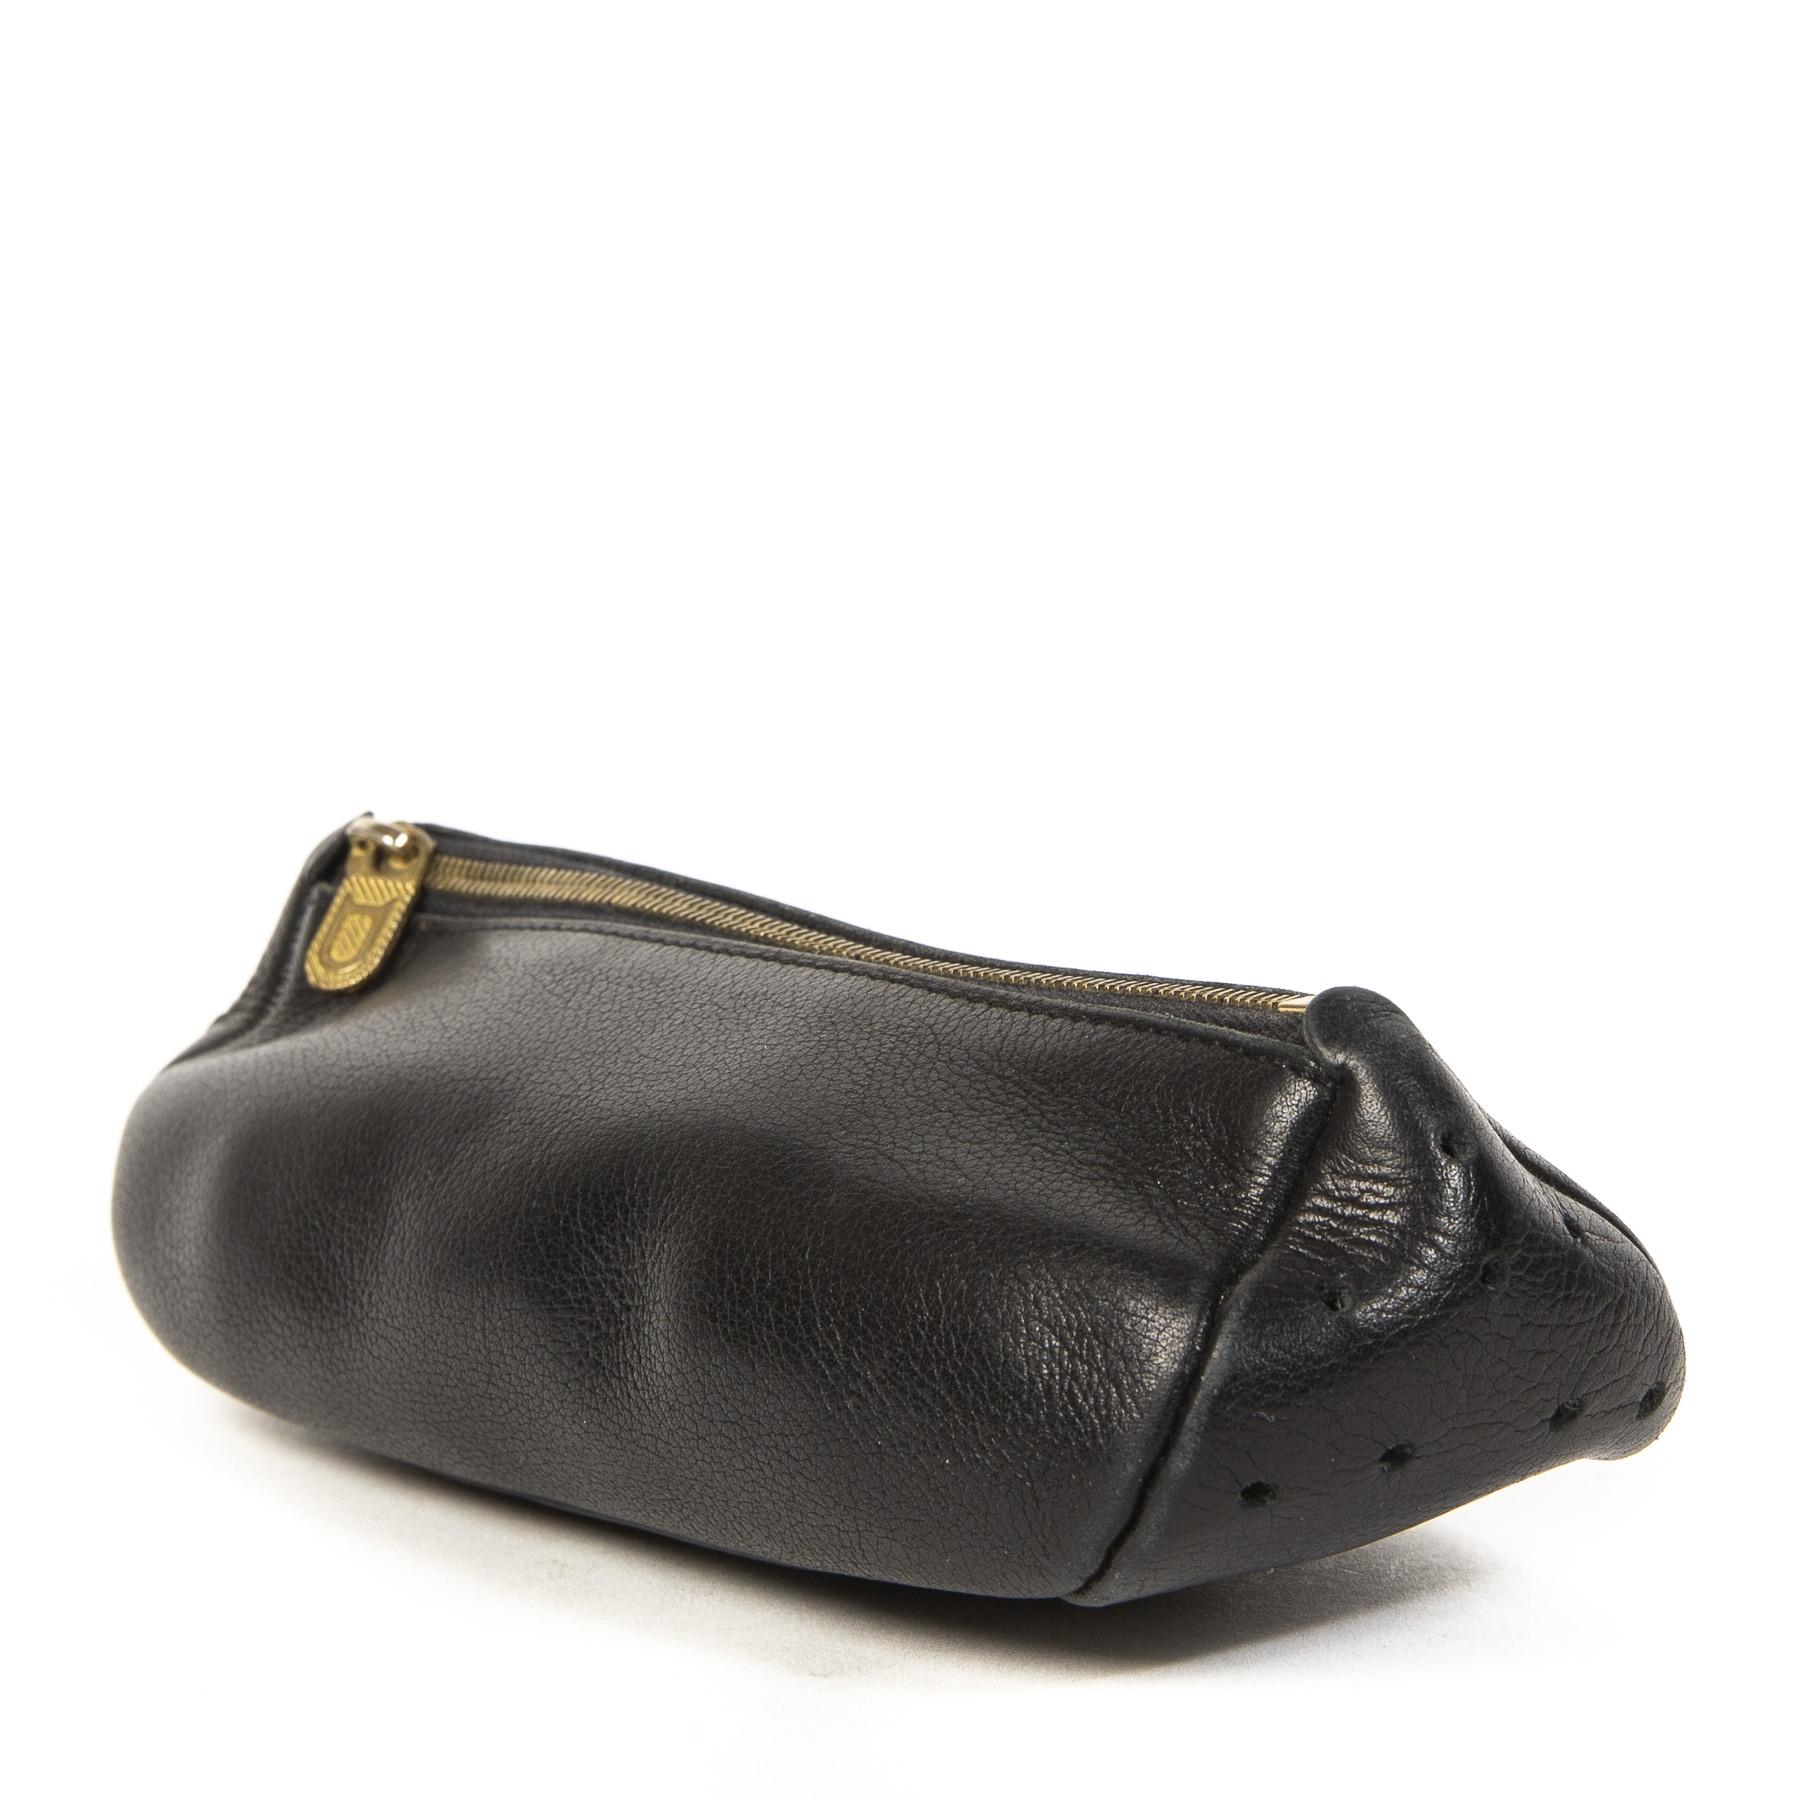 Authentieke tweedehands Delvaux Black Leather Pochette juiste prijs veilig online winkelen LabelLOV webshop luxe merken